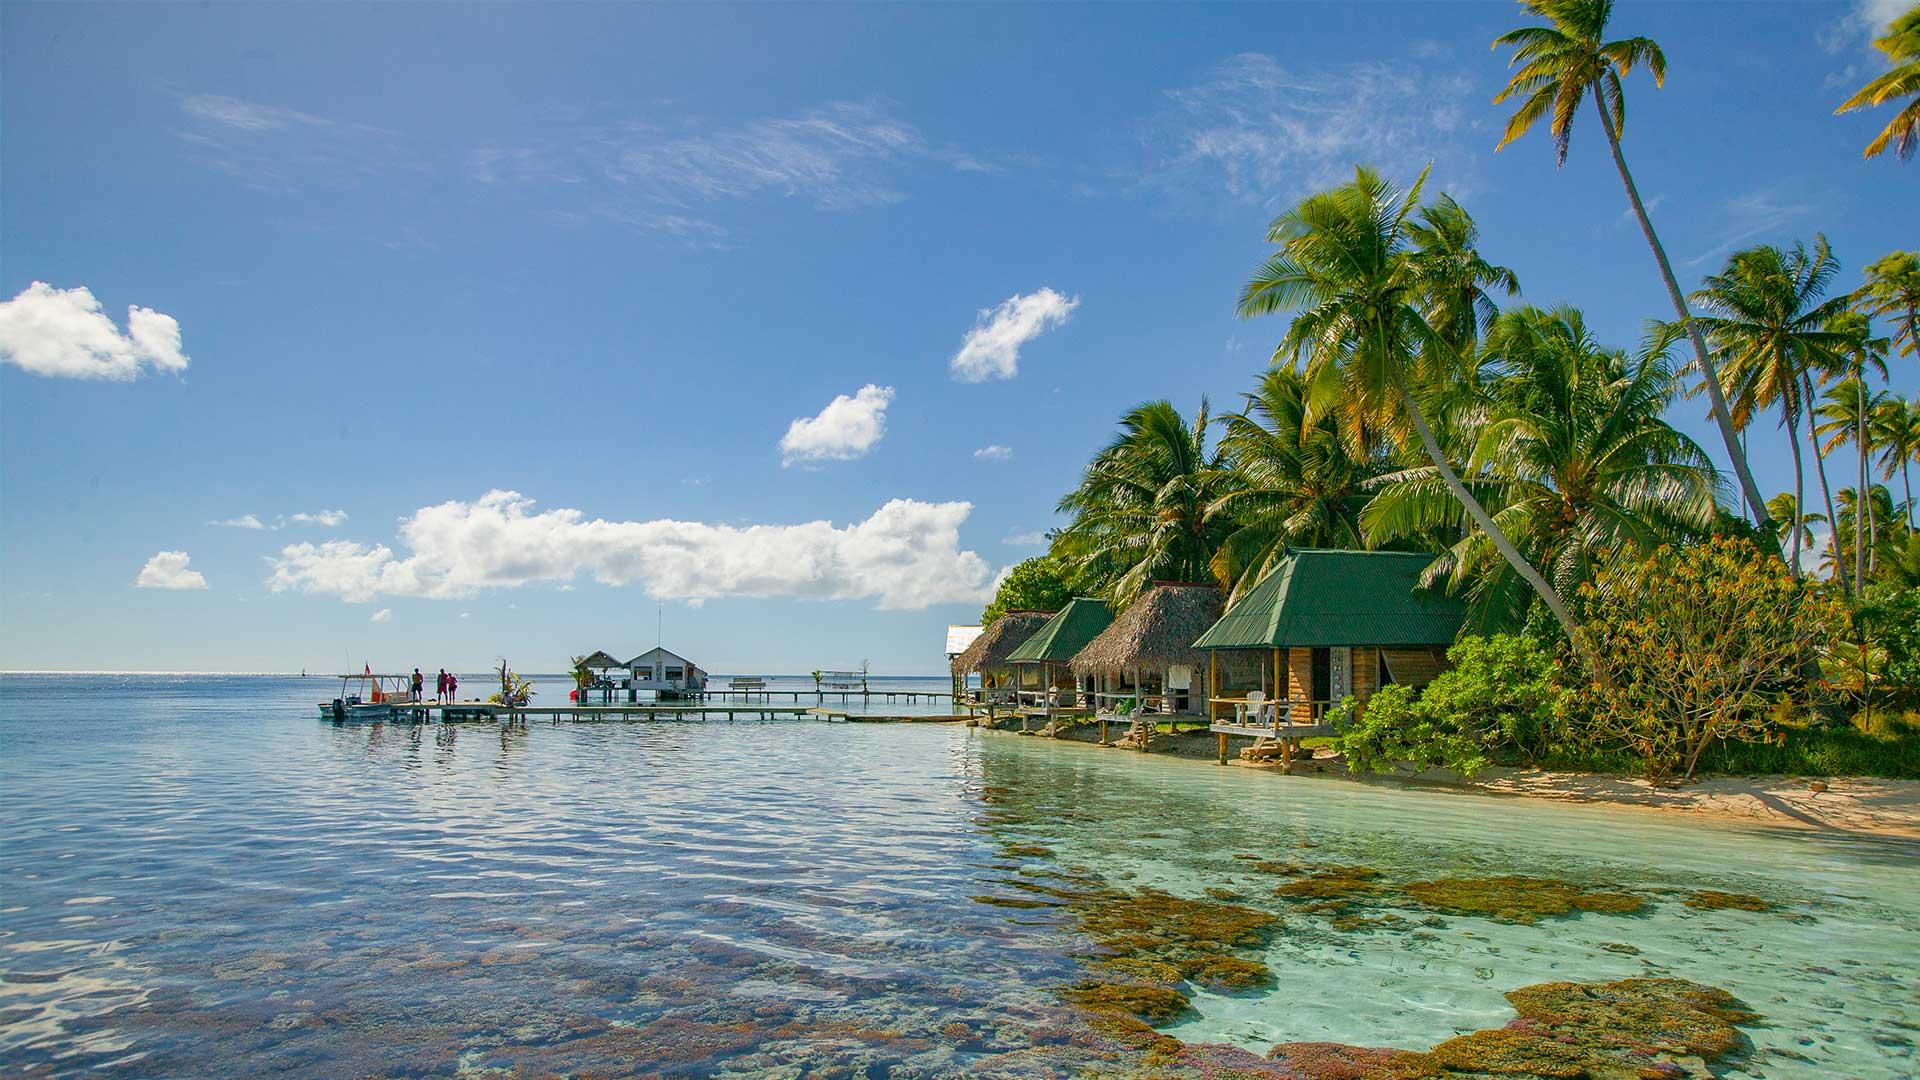 Fotoğraf Makineleriniz Hazırsa: Fransız Polinezyası